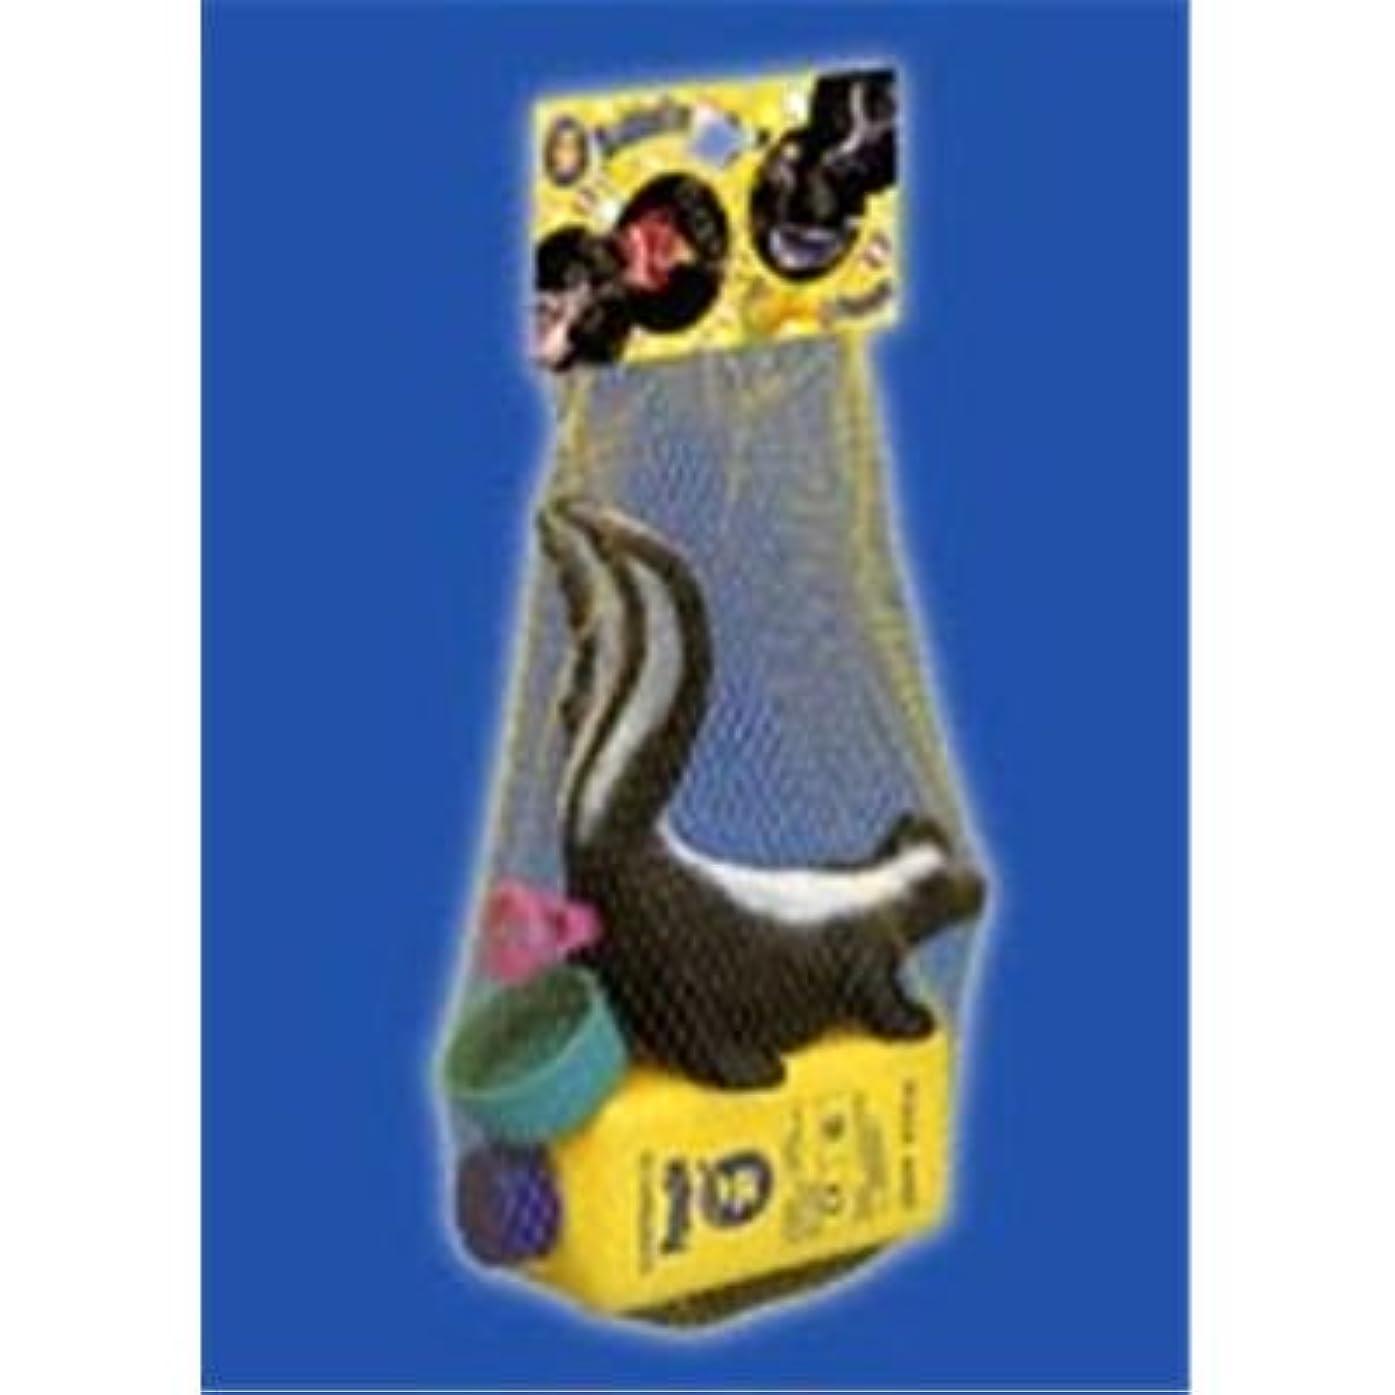 リズム猟犬図PUSTEFIX(パブリックス) しゃぼん玉 スカンク 250ml